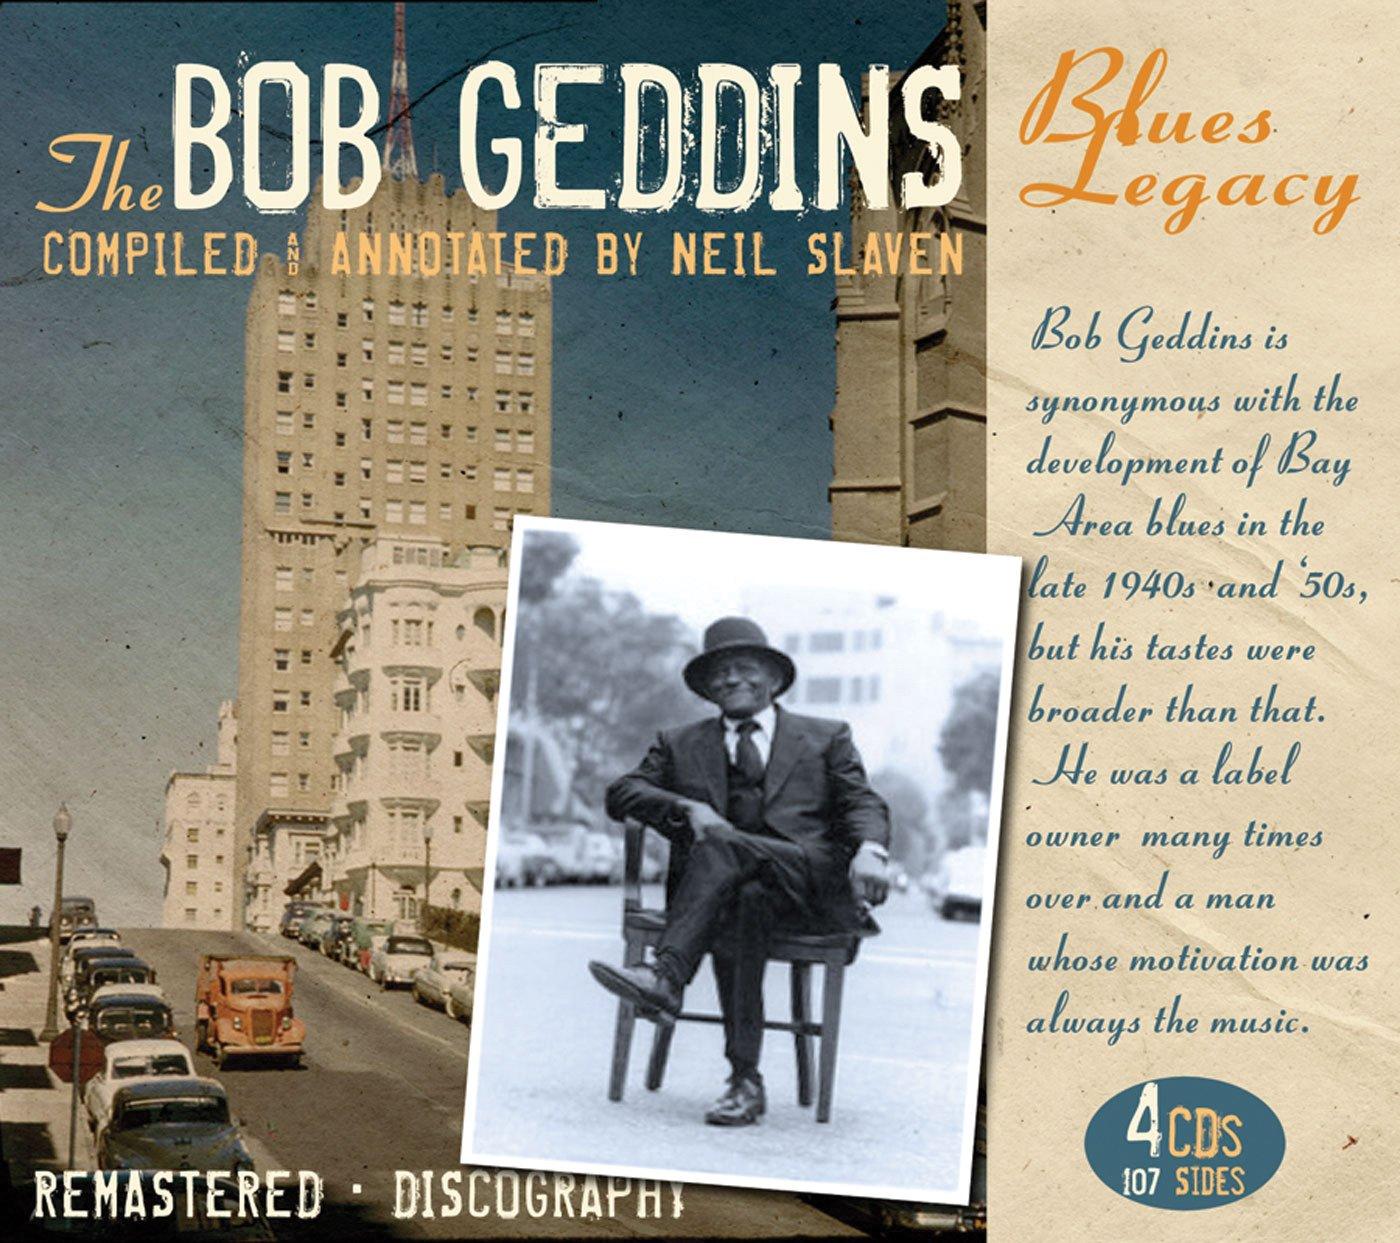 A Blues Legacy